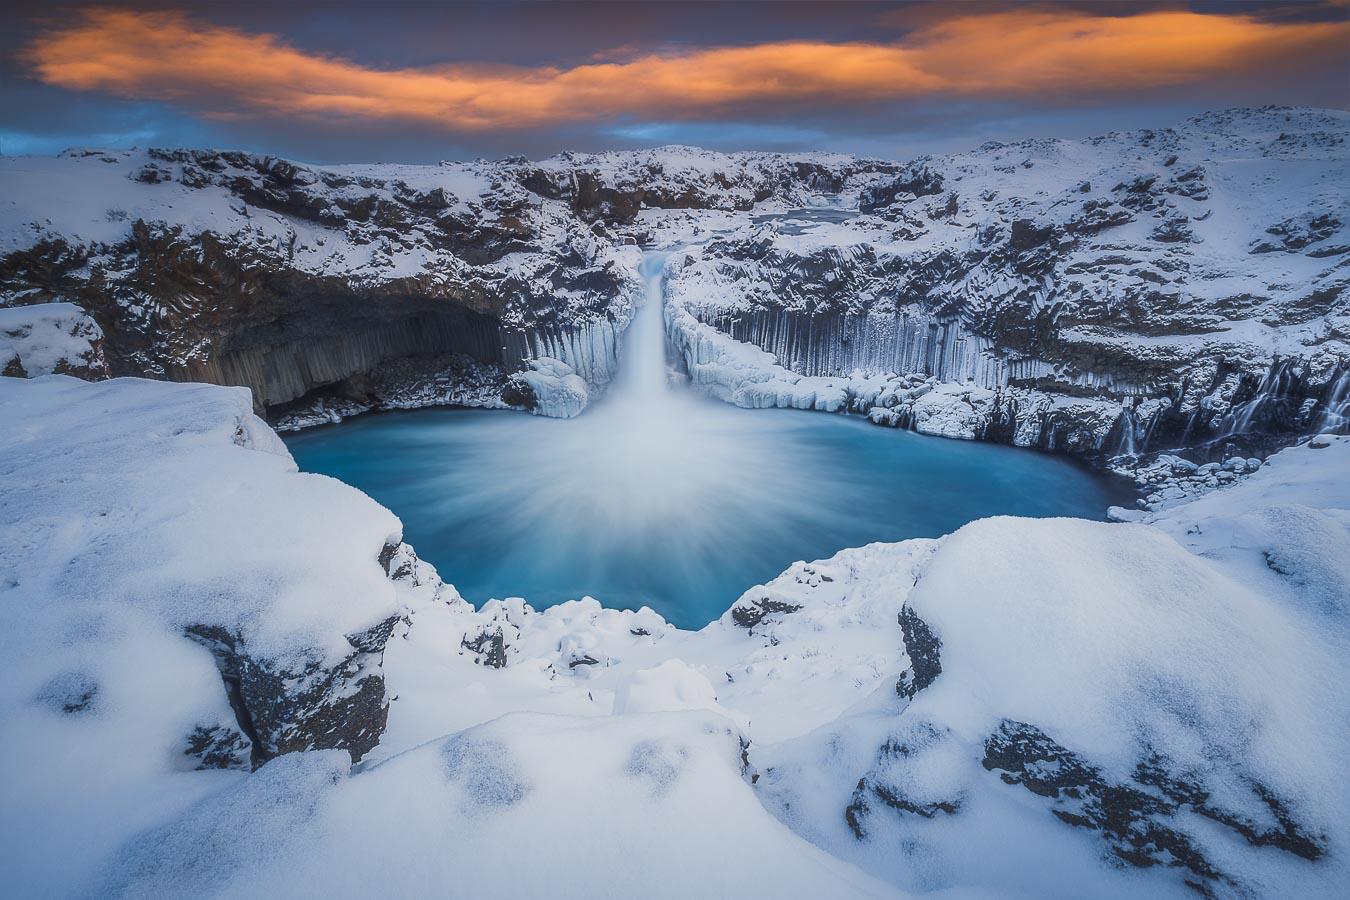 10泊11日冬のアイスランドの写真ワークショップ オーロラを狙い